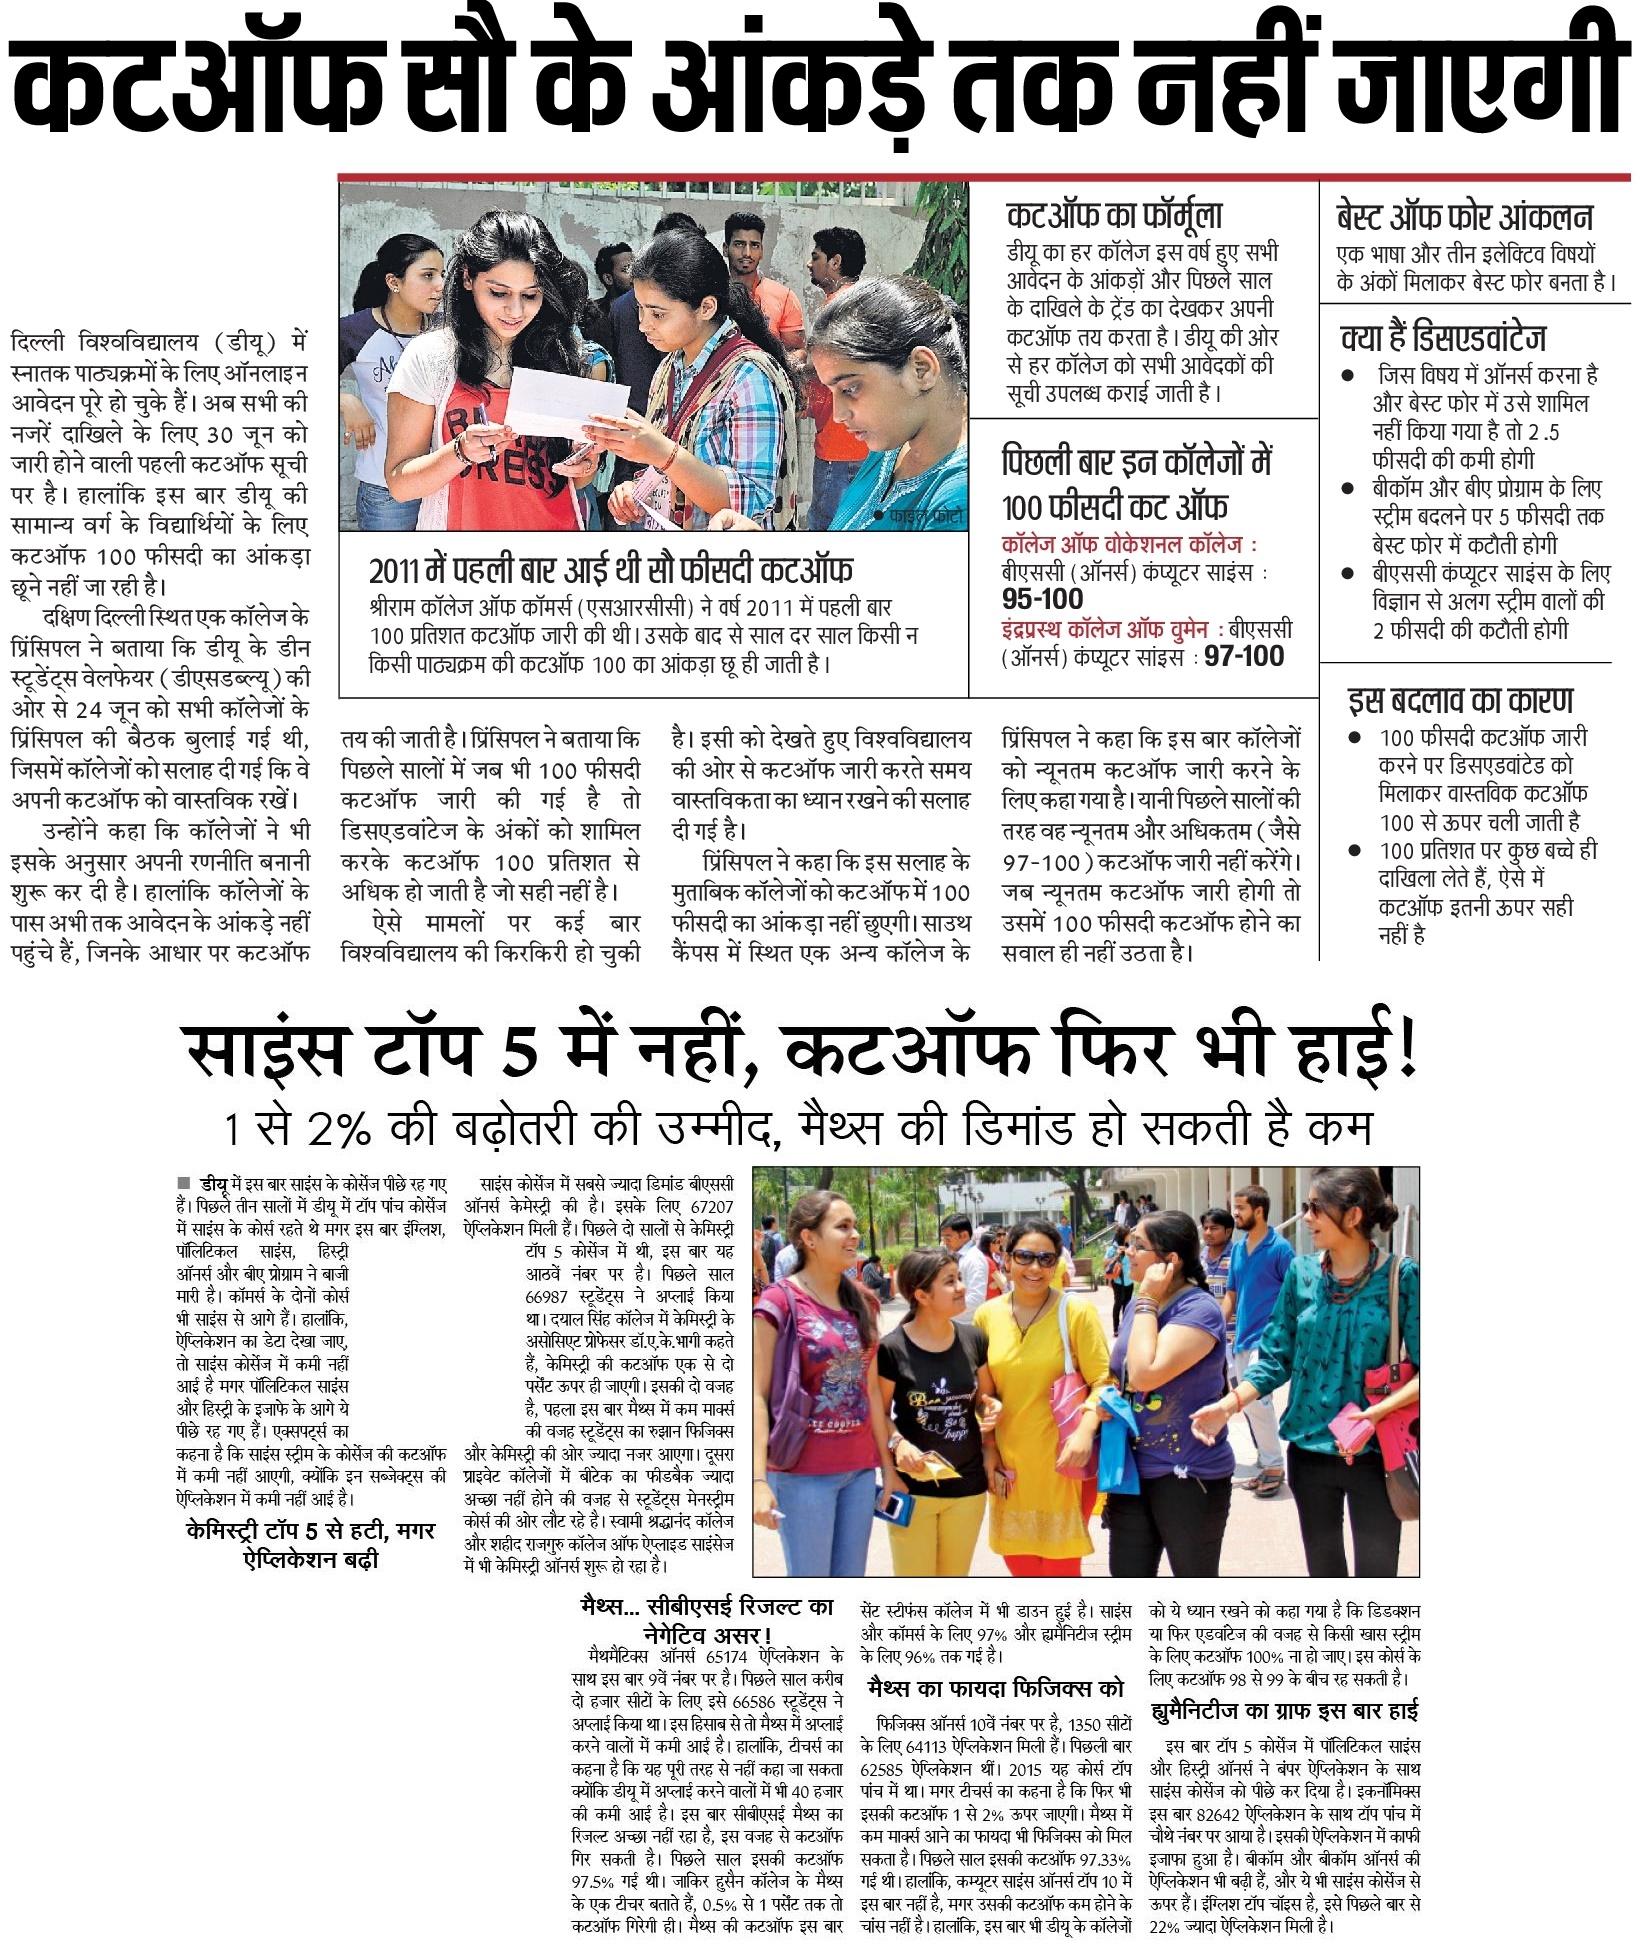 Hindu College 1st Cut off